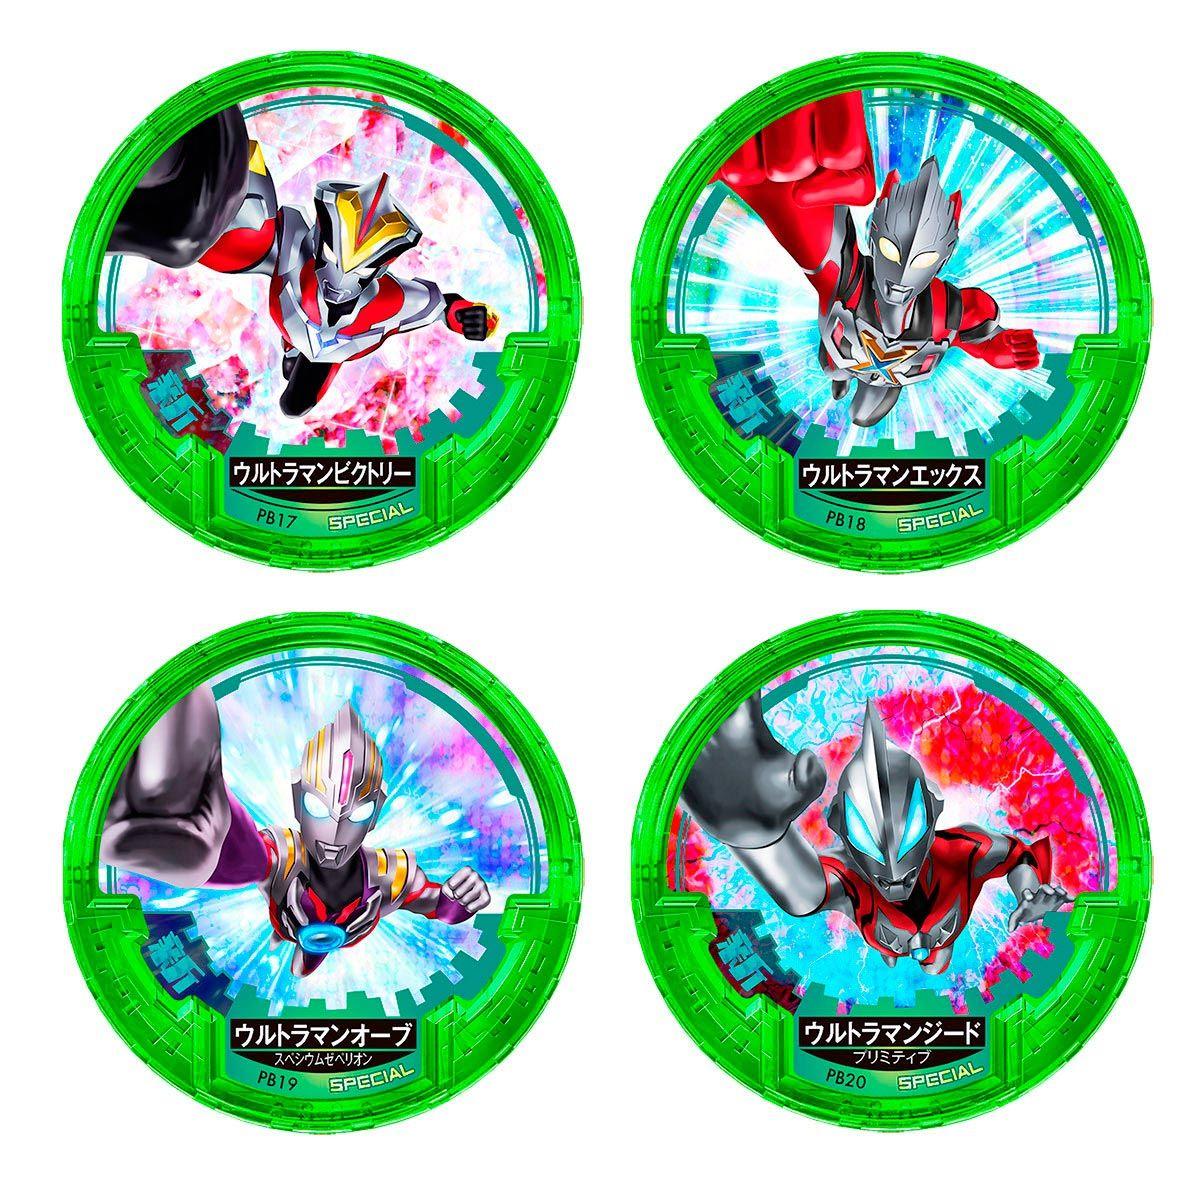 【限定販売】ウルトラマン『アバレンボウル オフィシャルメダルホルダー』ガシャポン-008